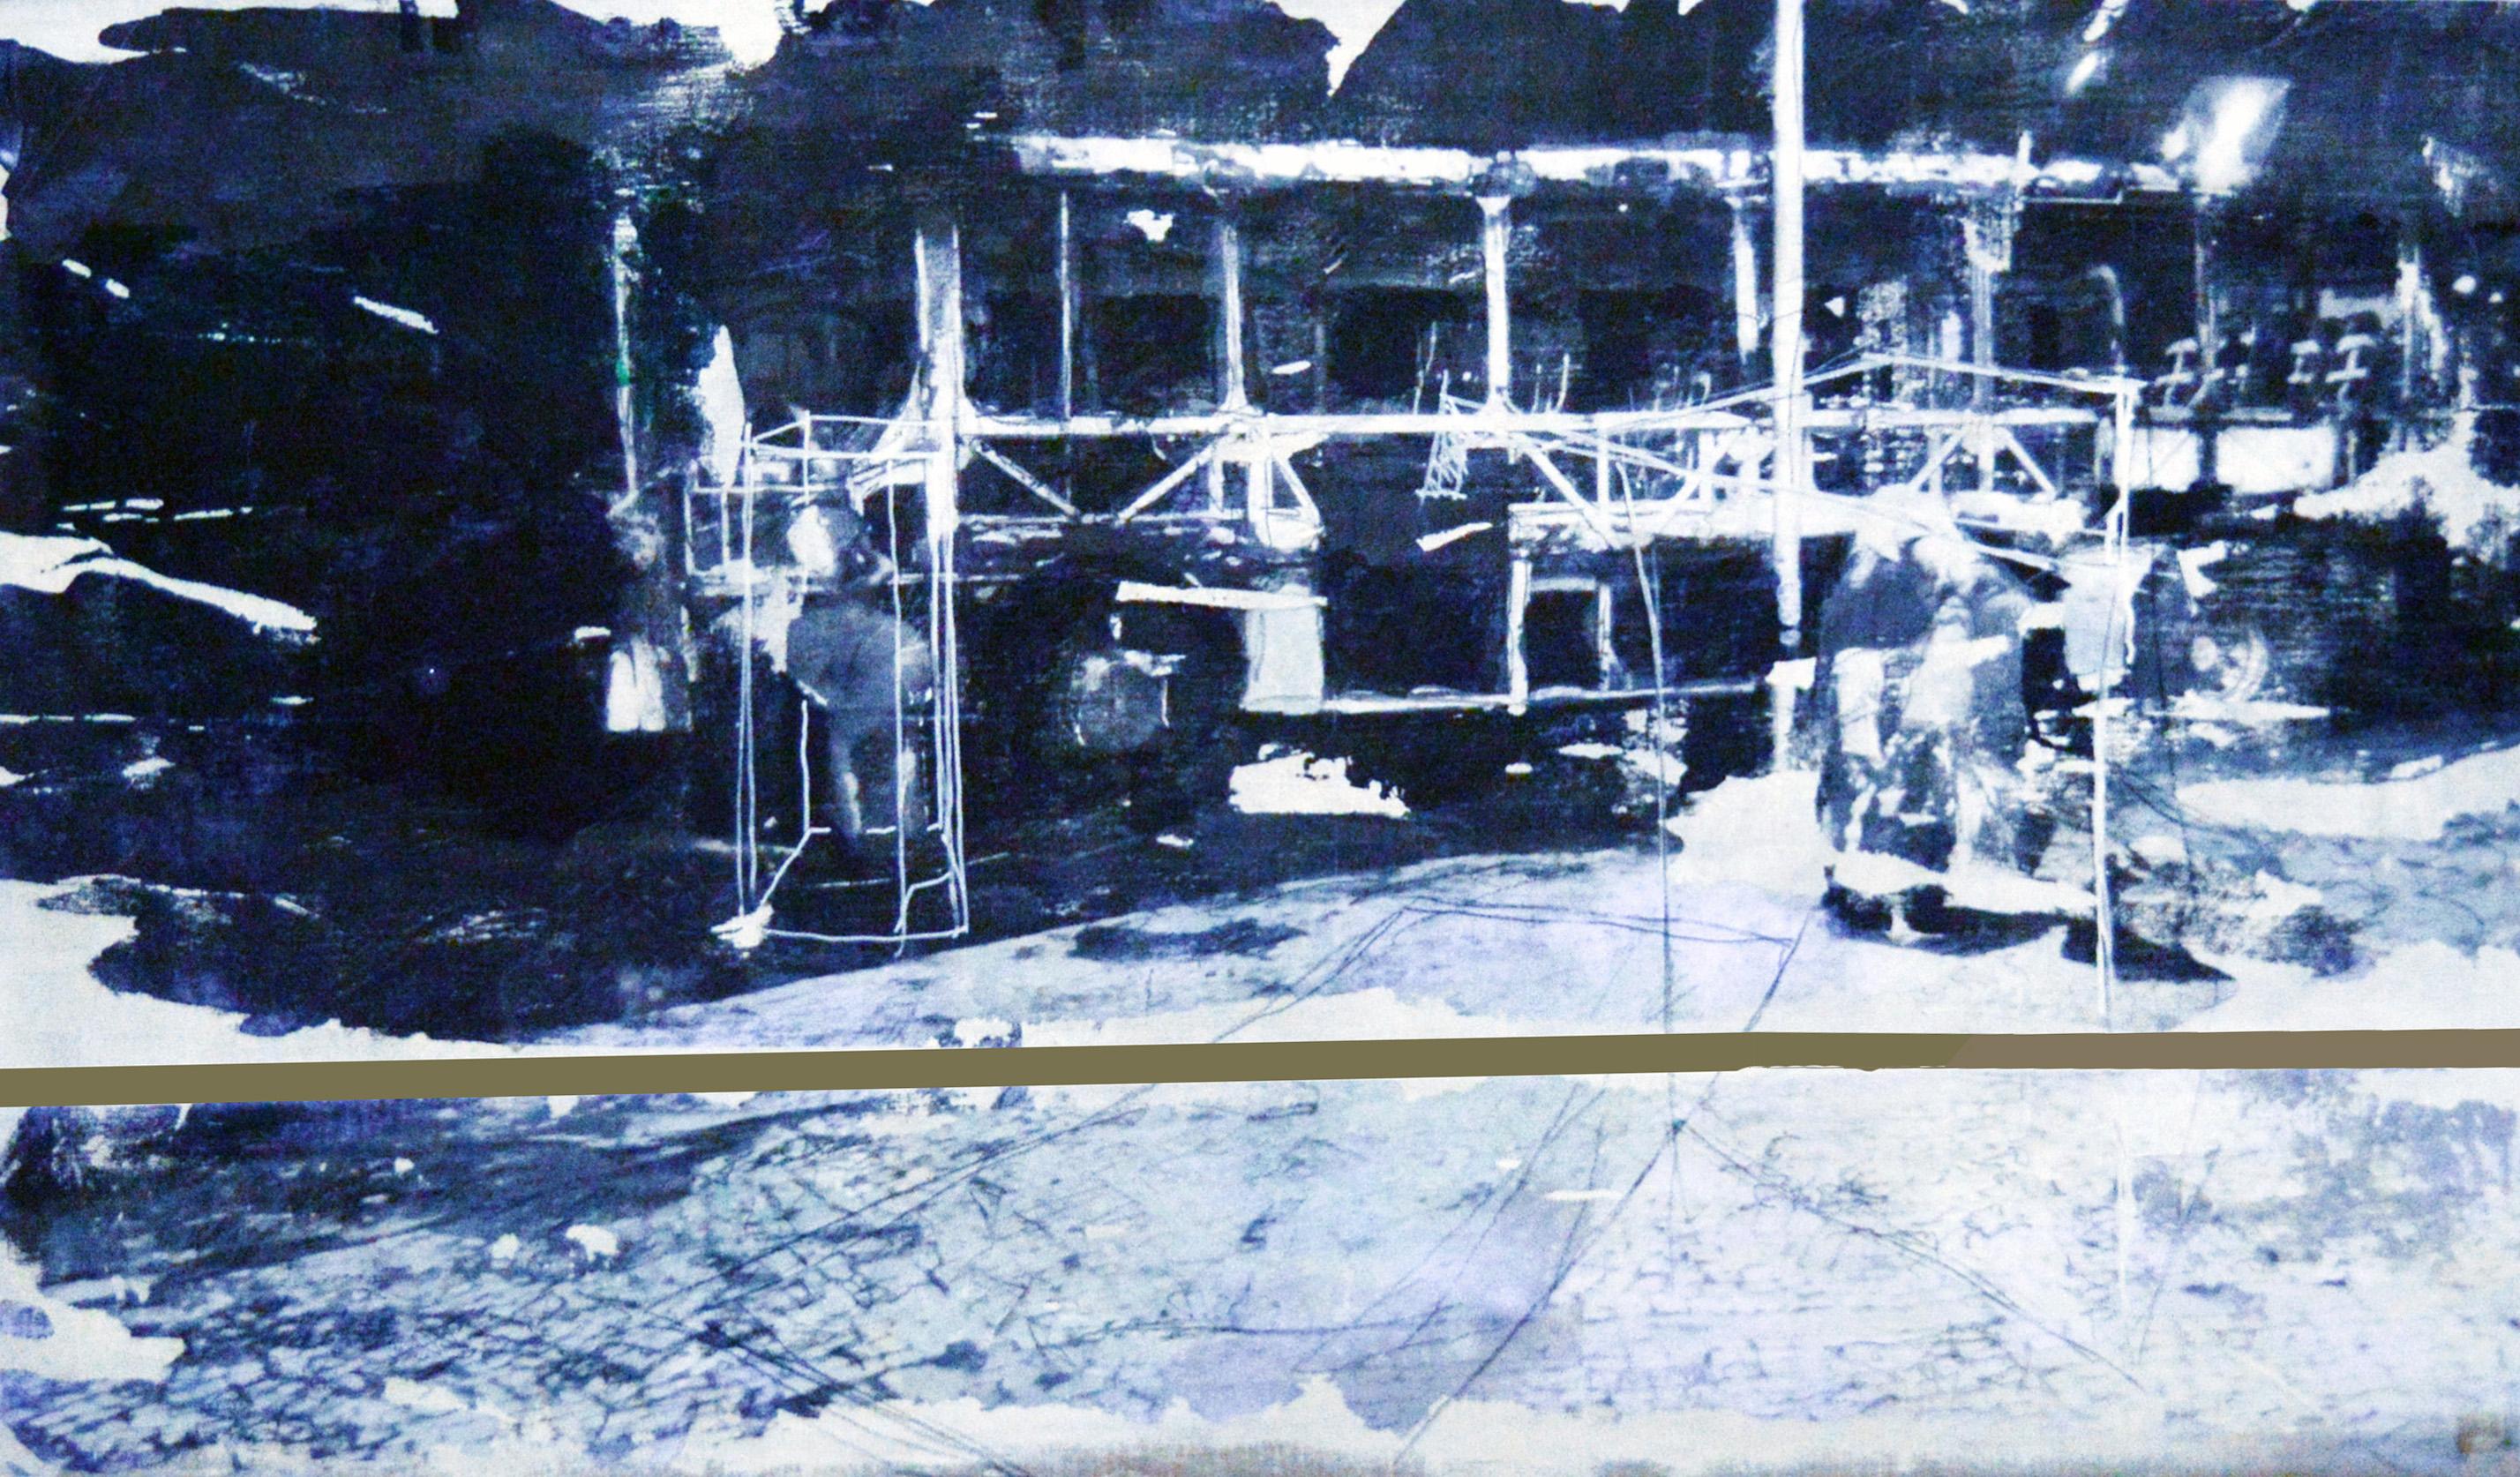 Monochrome-mixed-technique-on-canvas-150-x-110-cm-copy-2 copy